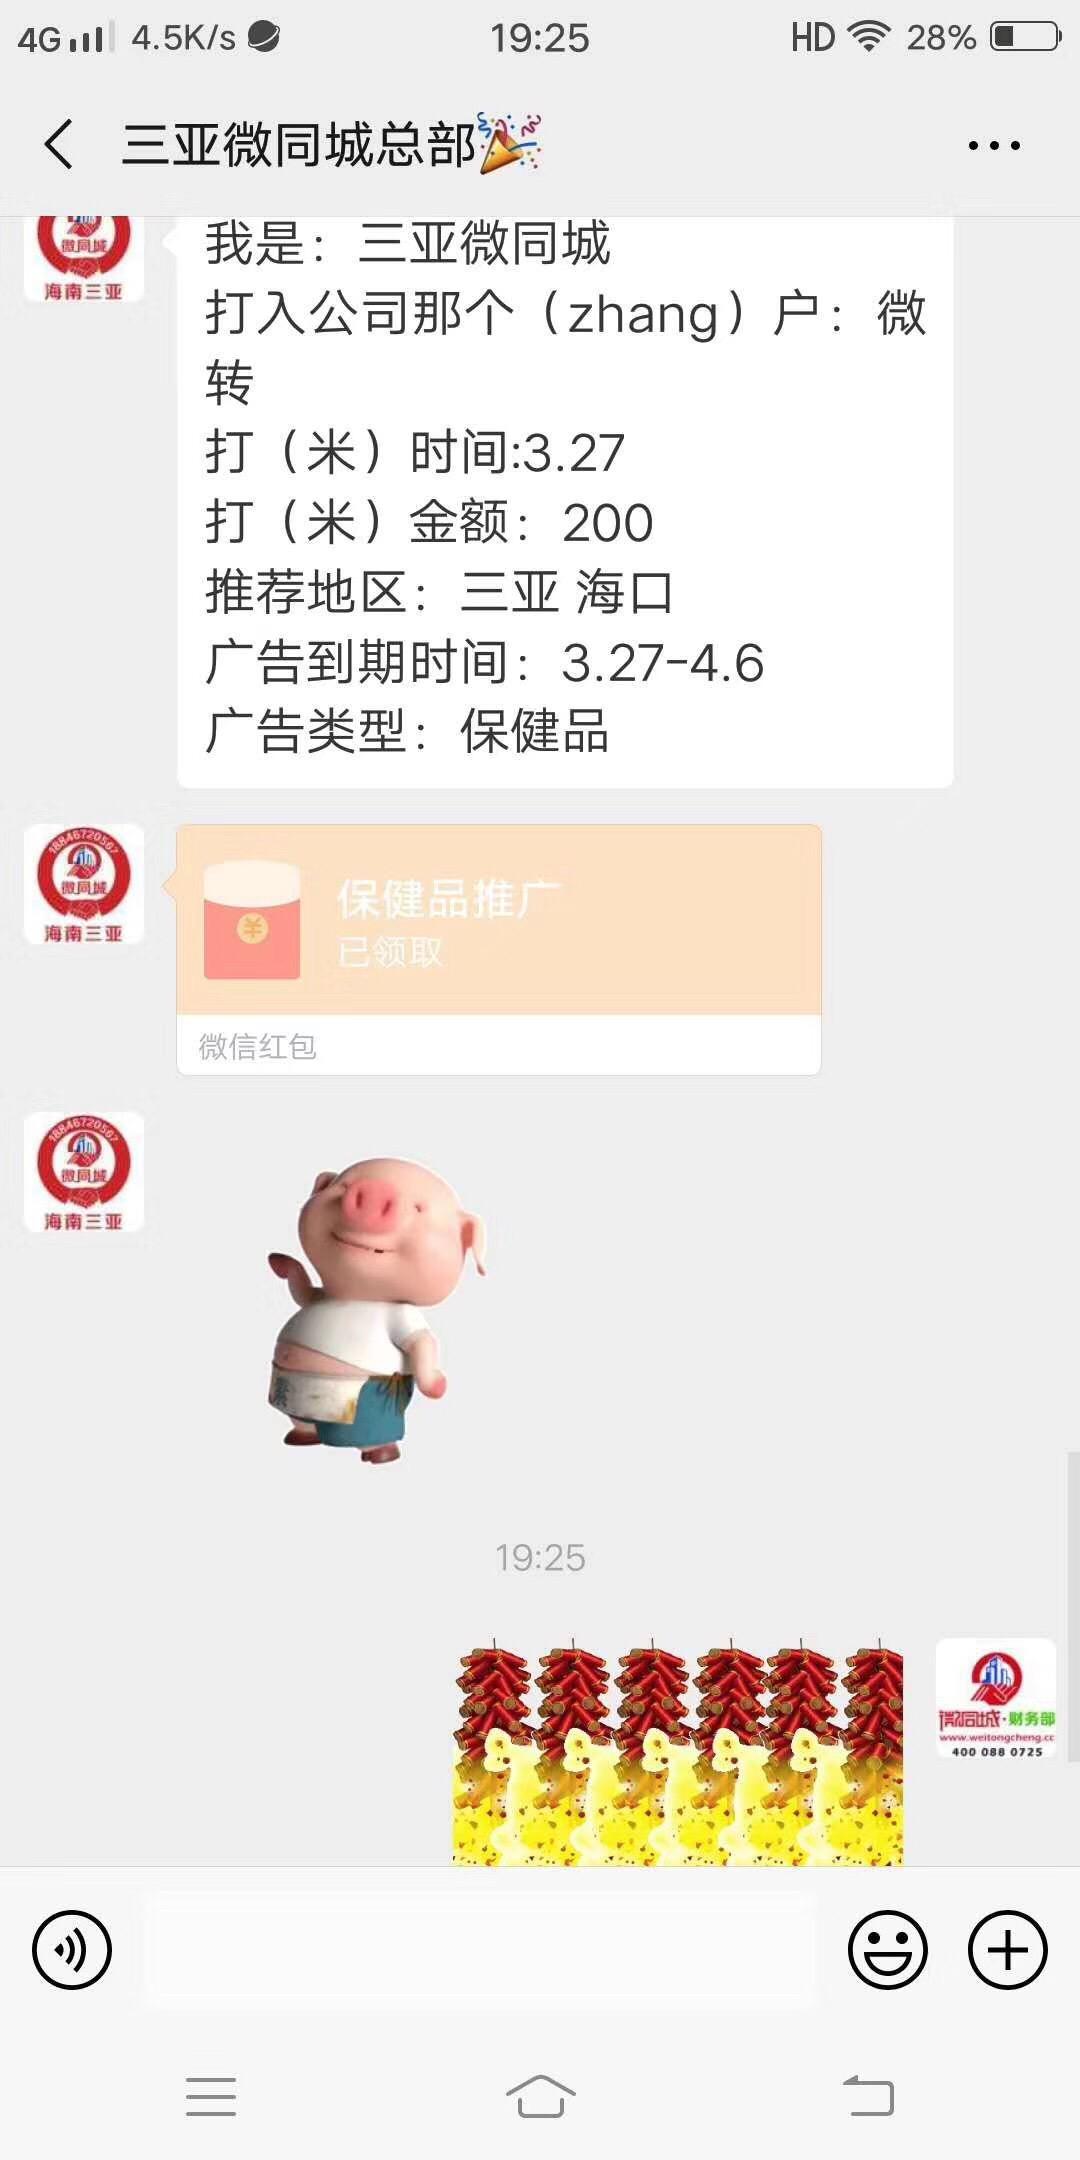 【保健品包月推广】祝贺三亚微全城微帮